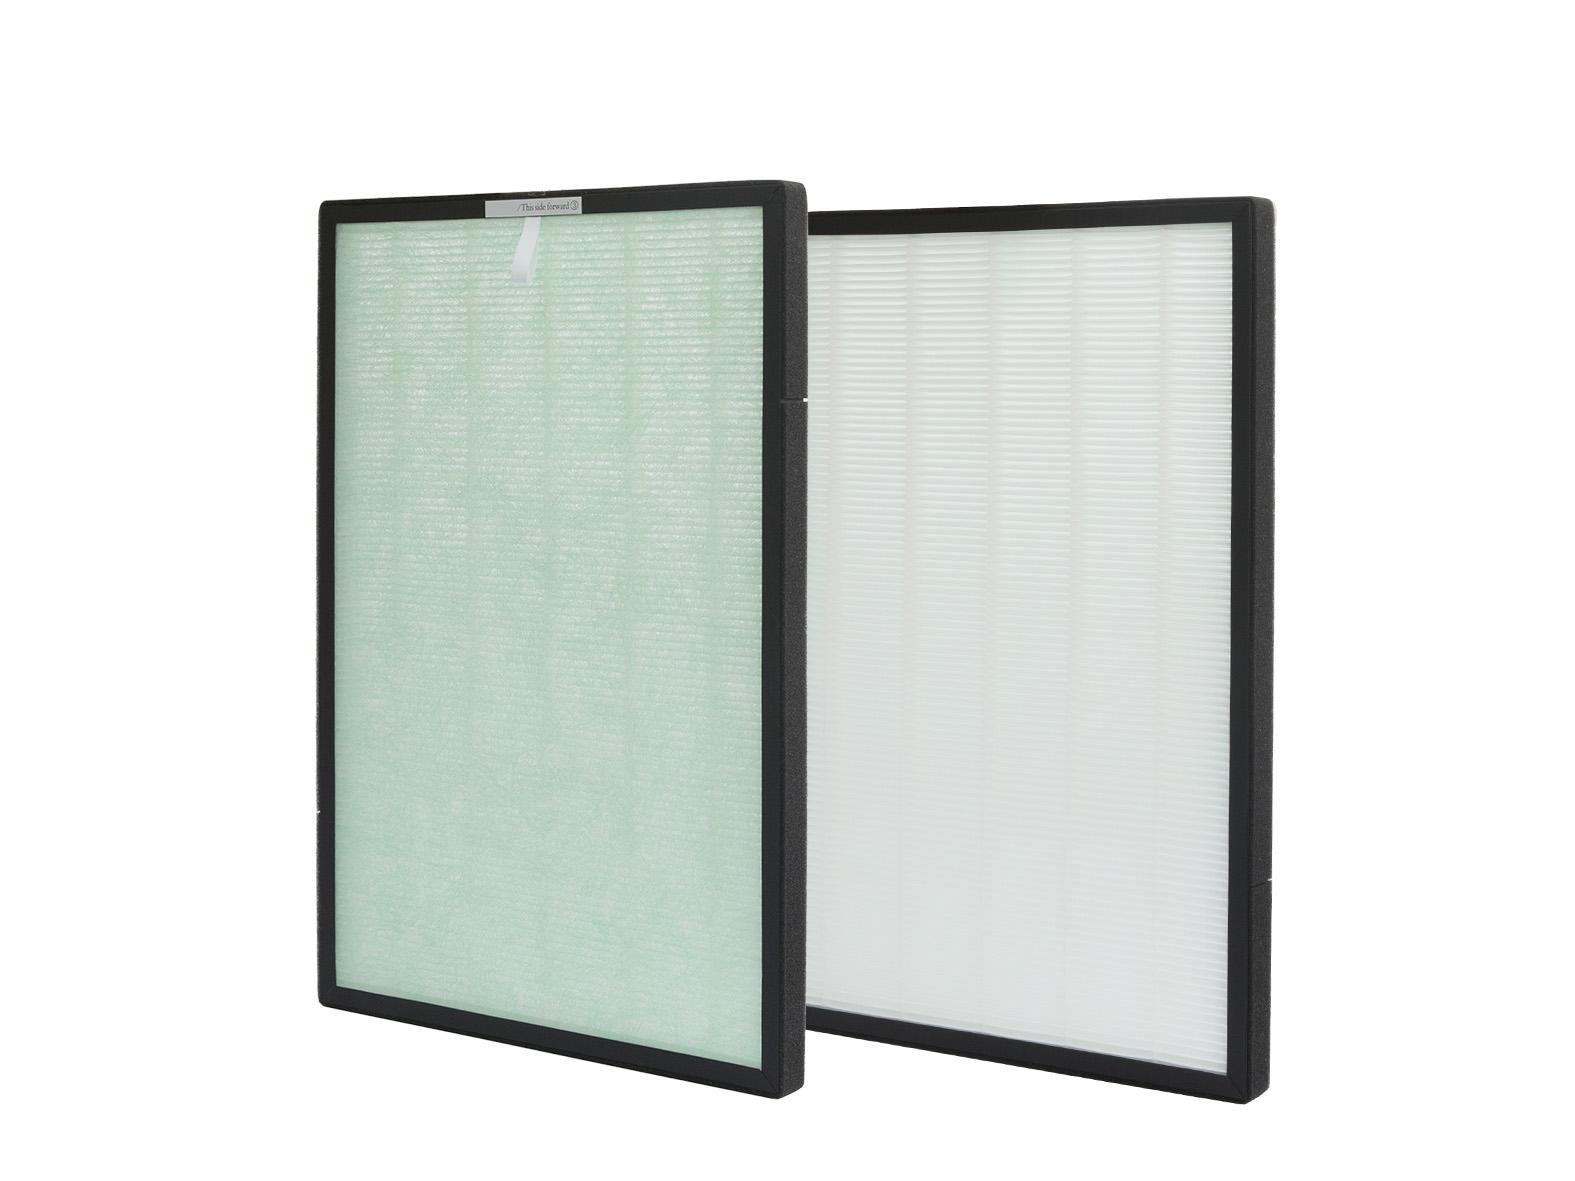 Filtr R-9600F3 pro čističku vzduchu Rohnson R-9600